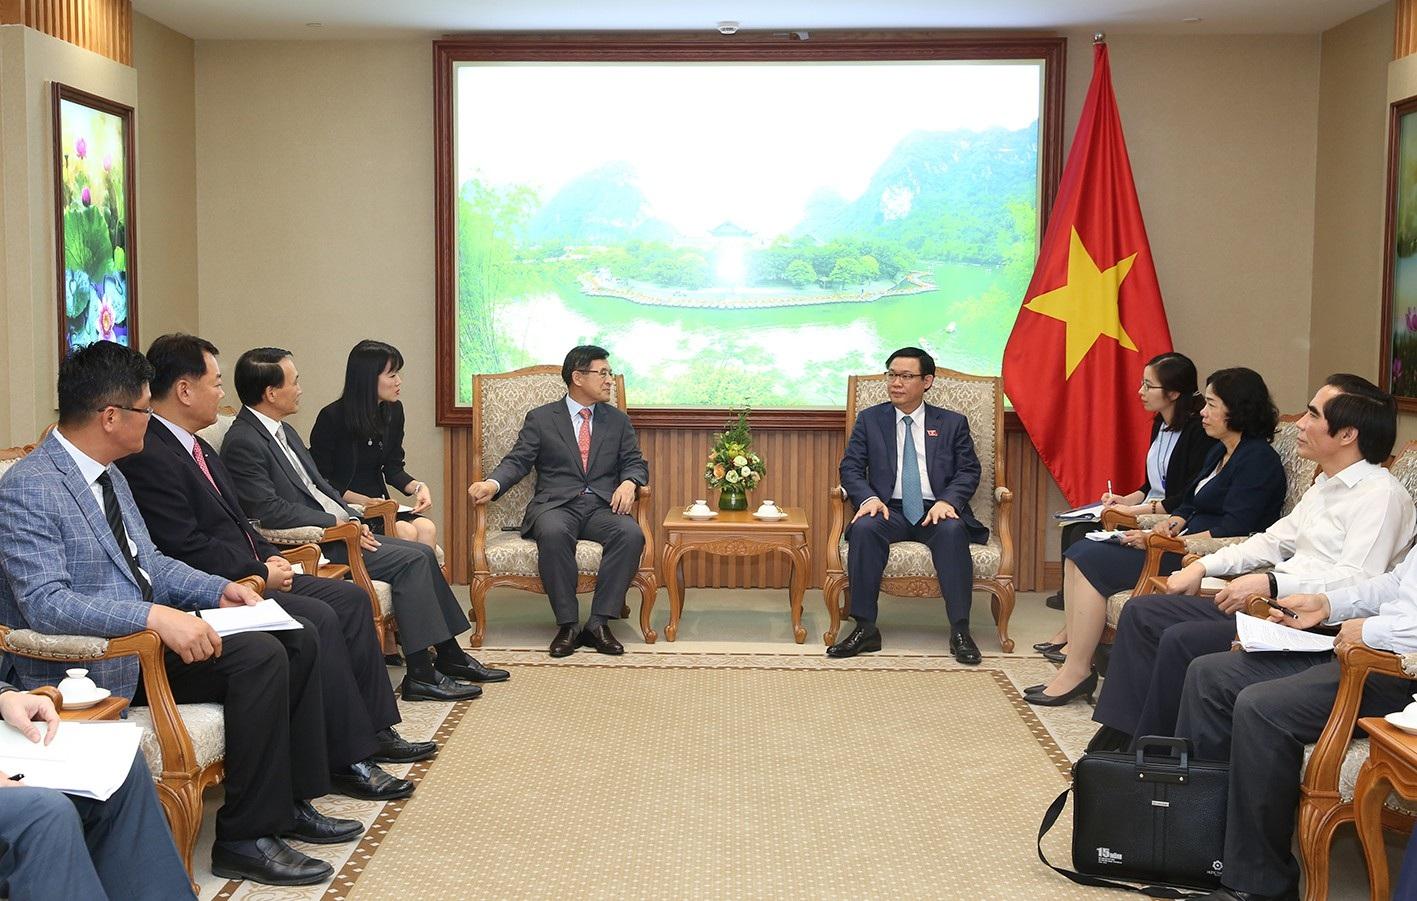 Phó Thủ tướng Vương Đình Huệ tiếp ông Shim Wonhwan - Tổng Giám đốc Tổ hợp Samsung Việt Nam.